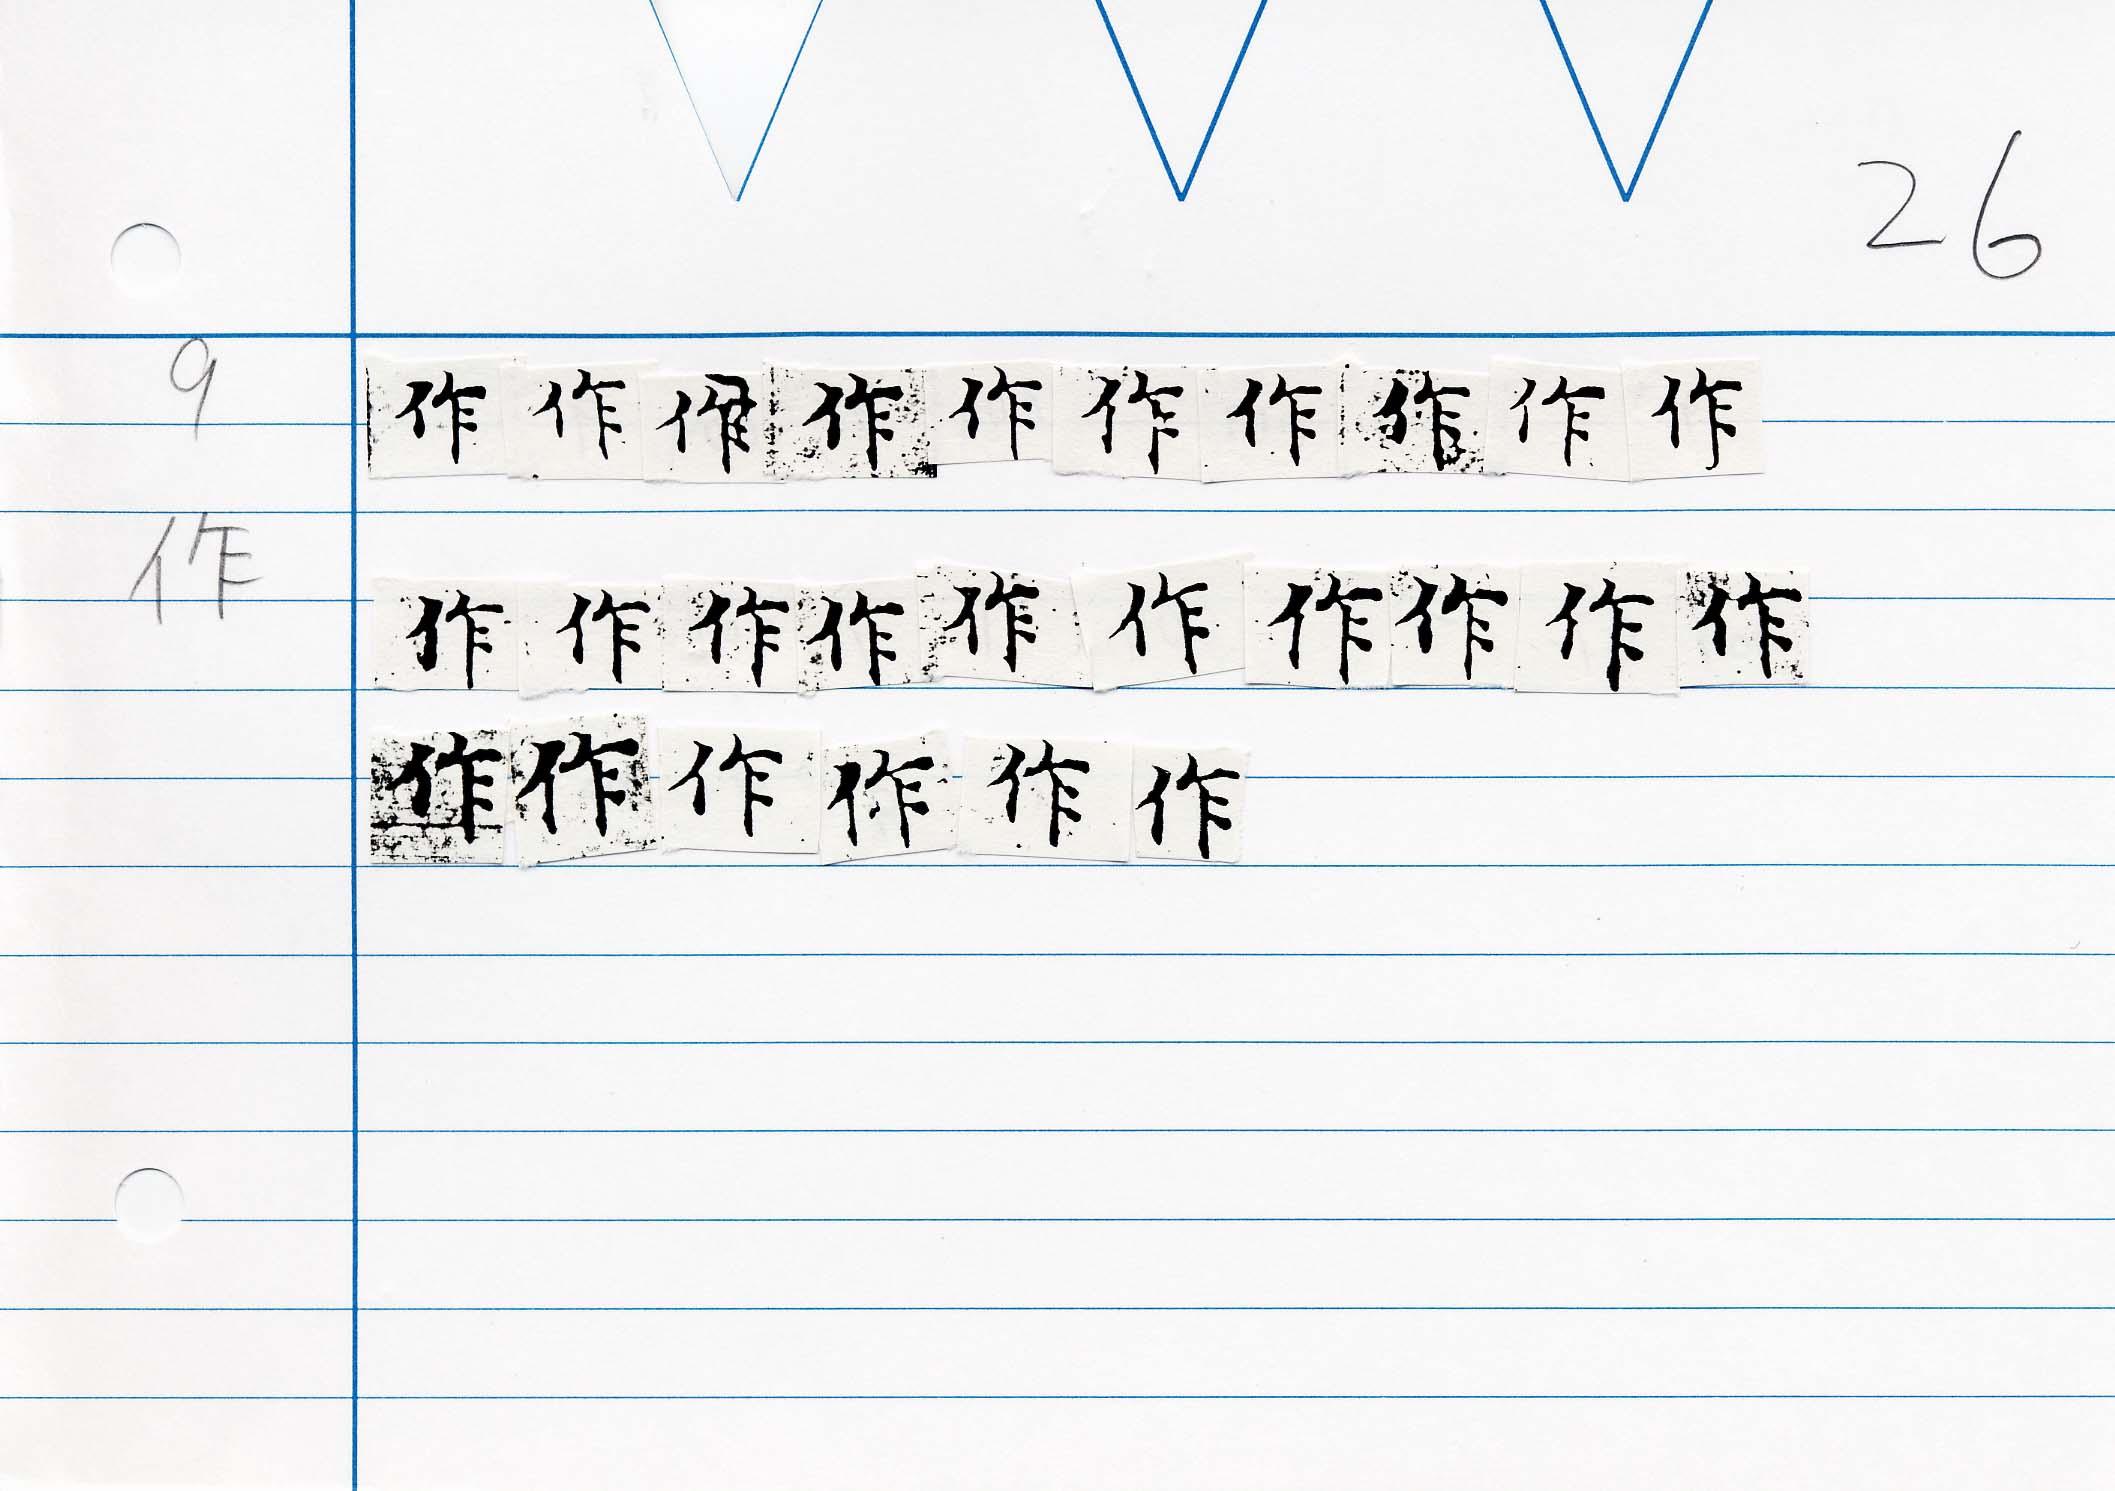 61_最上秘密那拏天經(東禪寺版日本寫本)/cards/0167.jpg